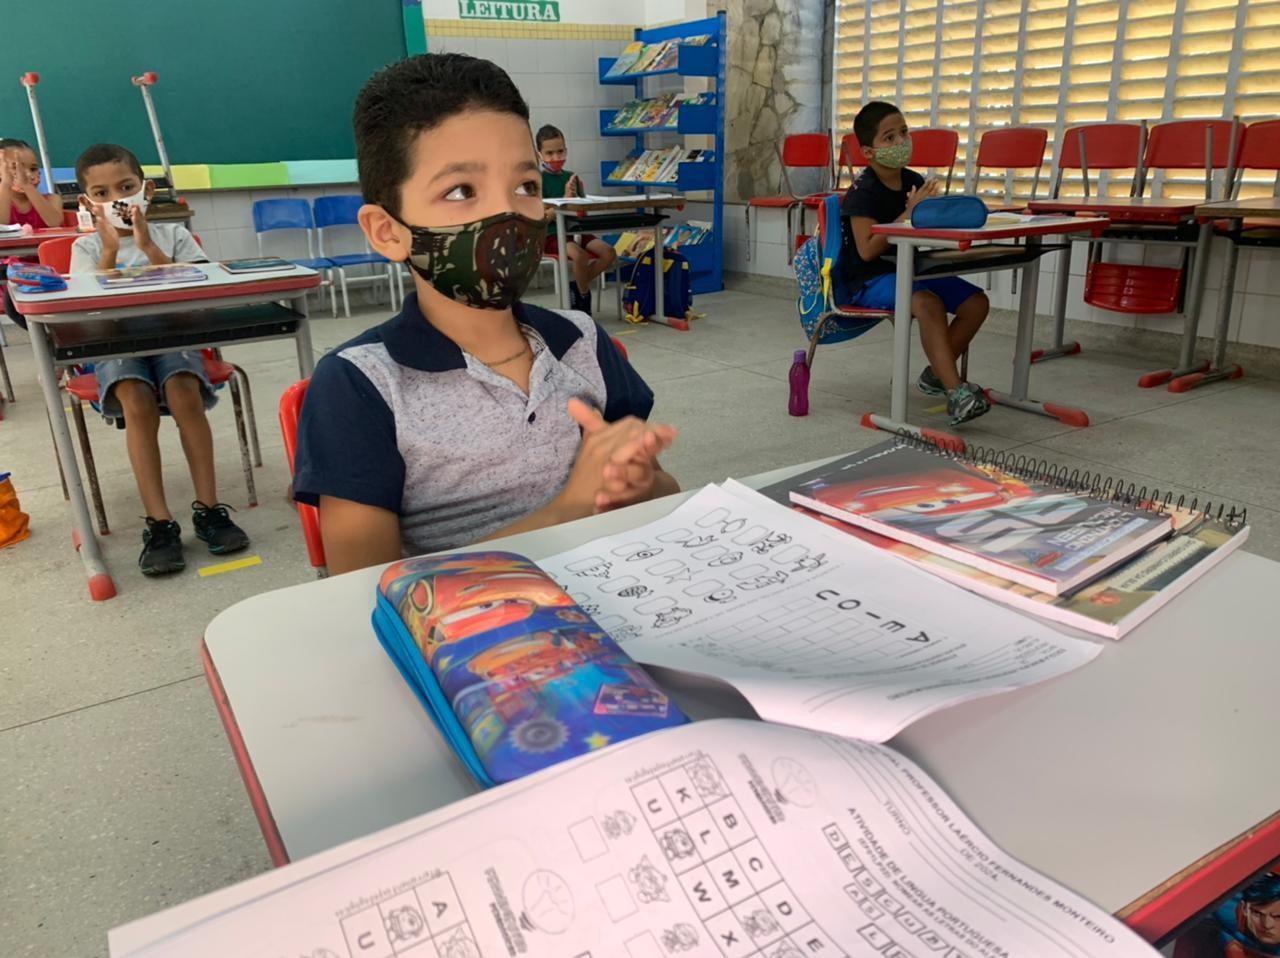 Natal retoma aulas presenciais para alunos do ensino fundamental: 'Alívio e gratidão', diz professora